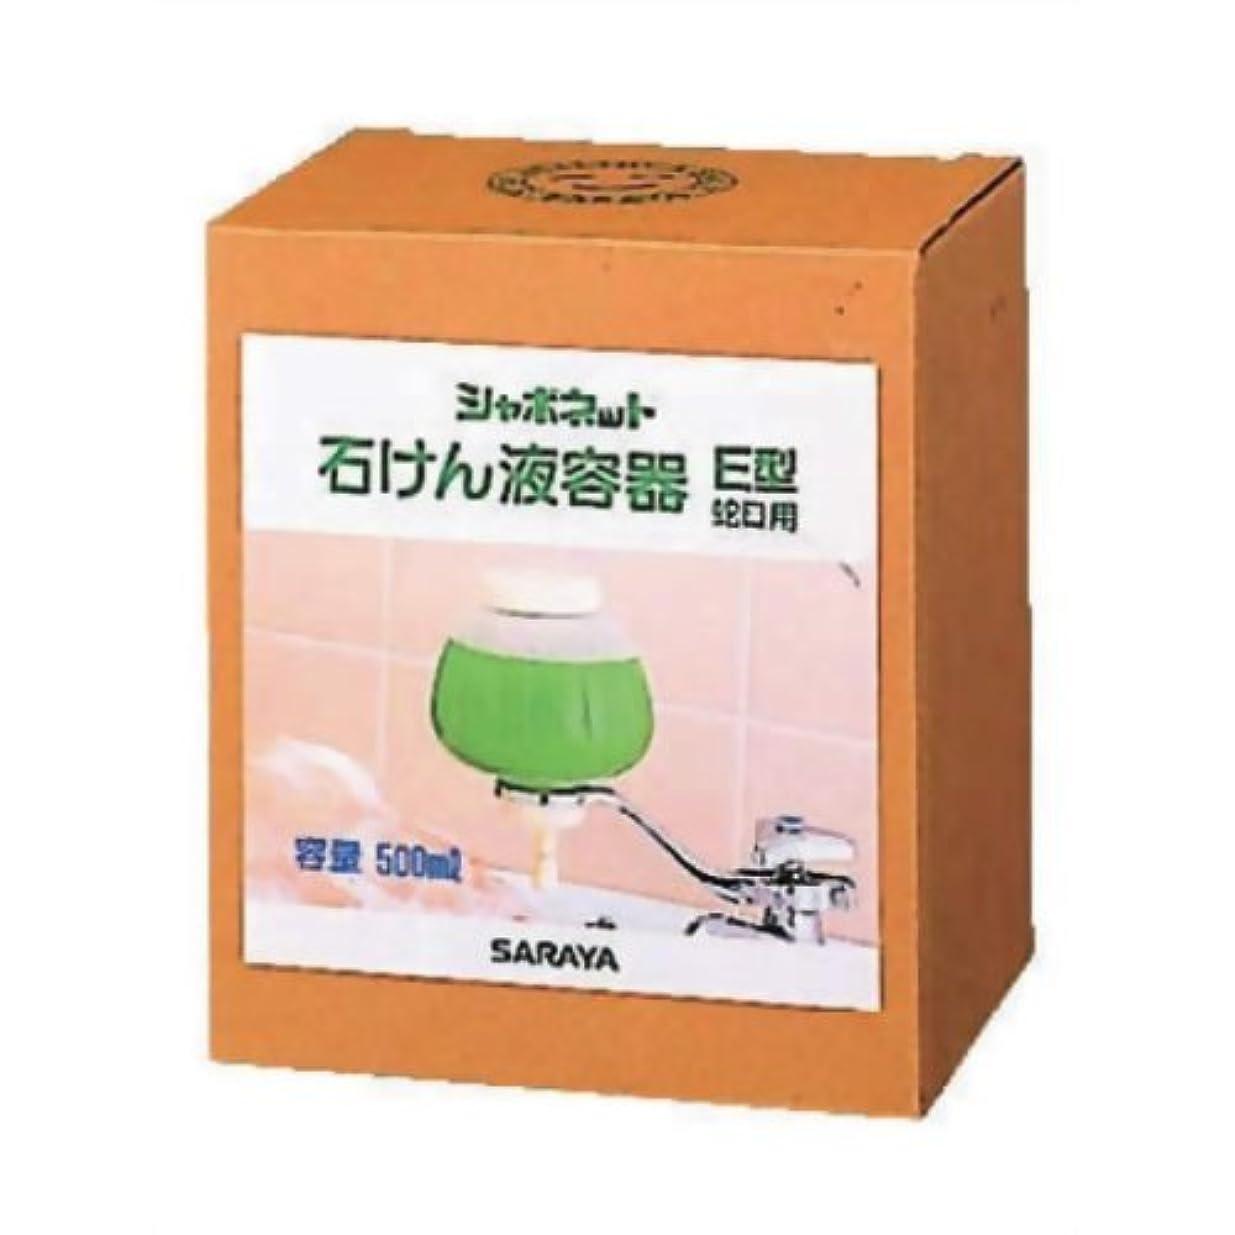 縁甥ブロックシャボネット石鹸液容器 500mLE型蛇口用 21450/63828559 サラヤ